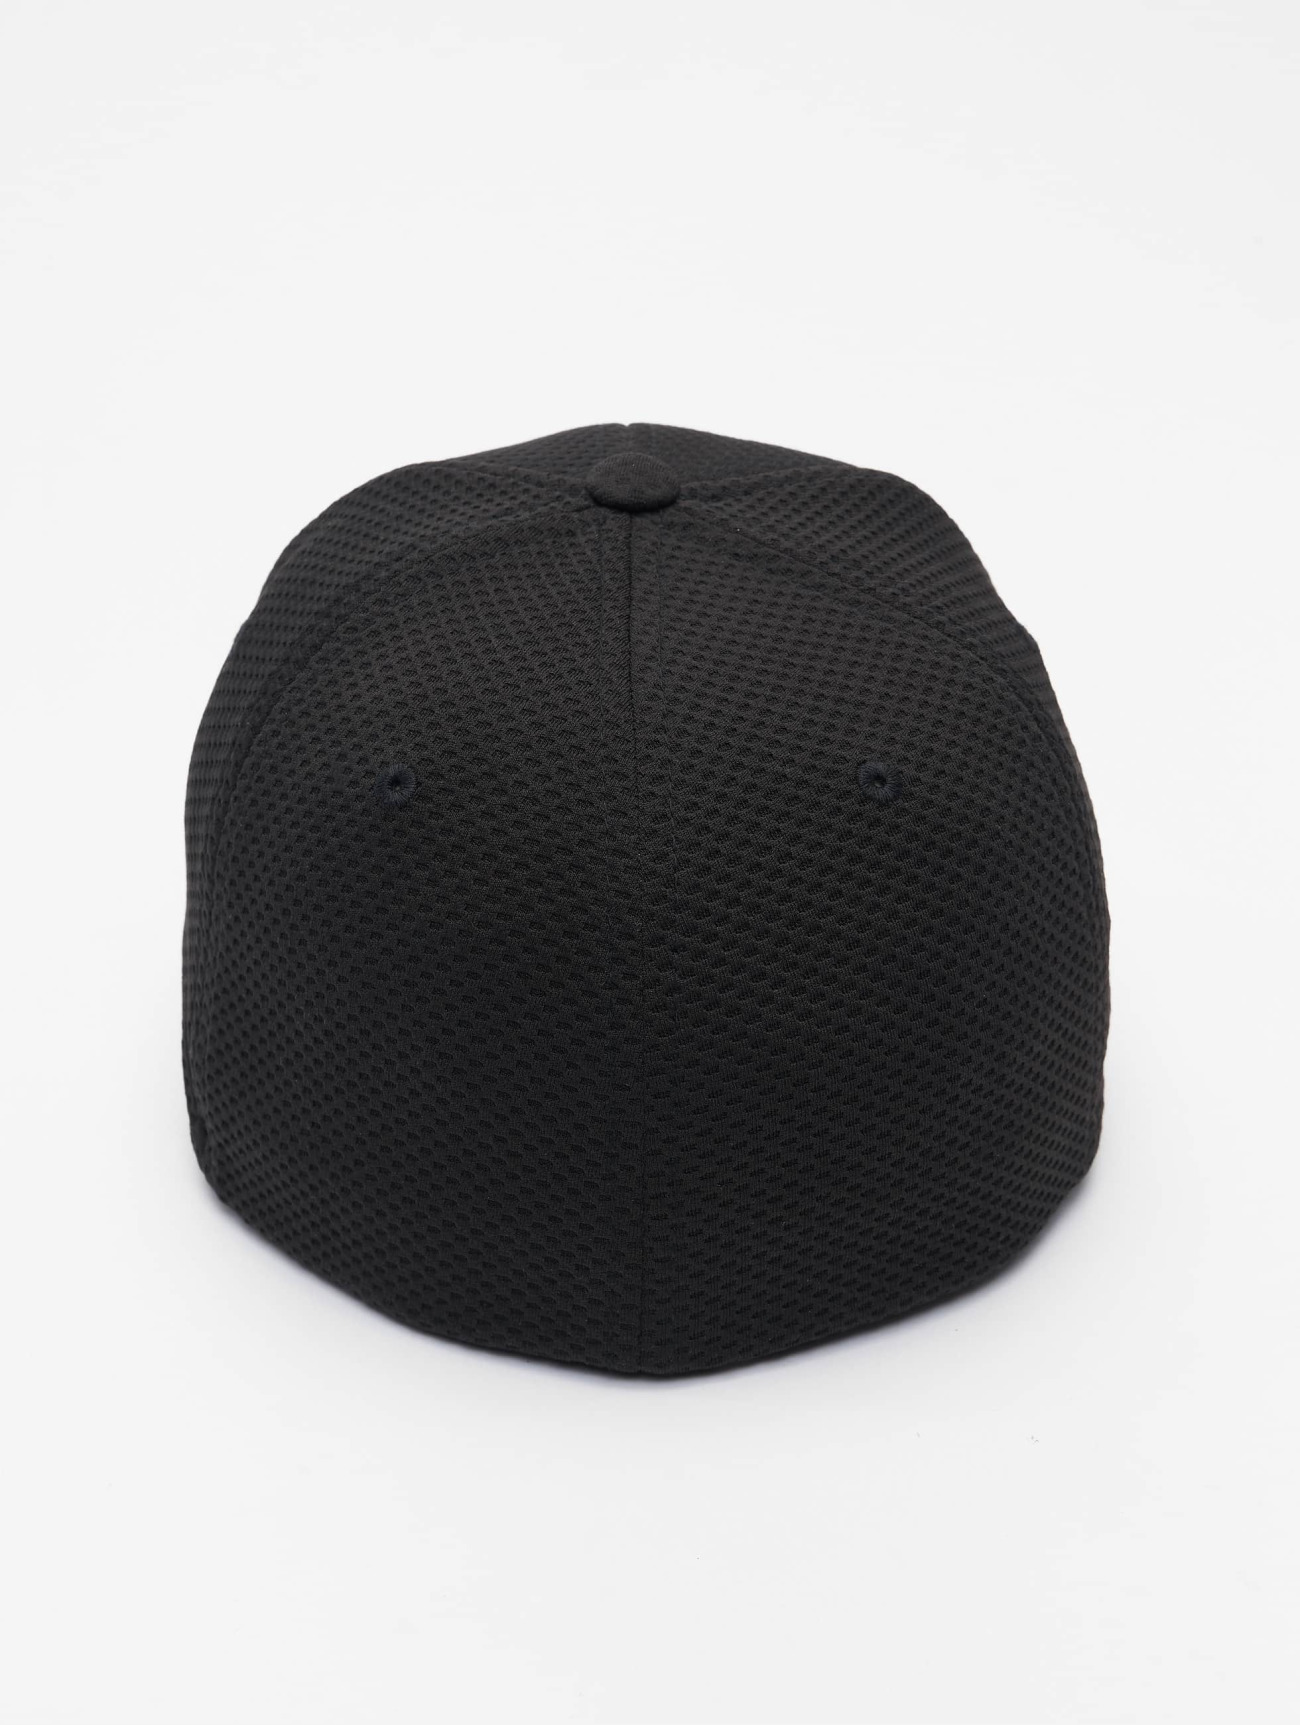 Flexfit  3D Hexagon  noir  Casquette Flex Fitted  496196 Homme Casquettes